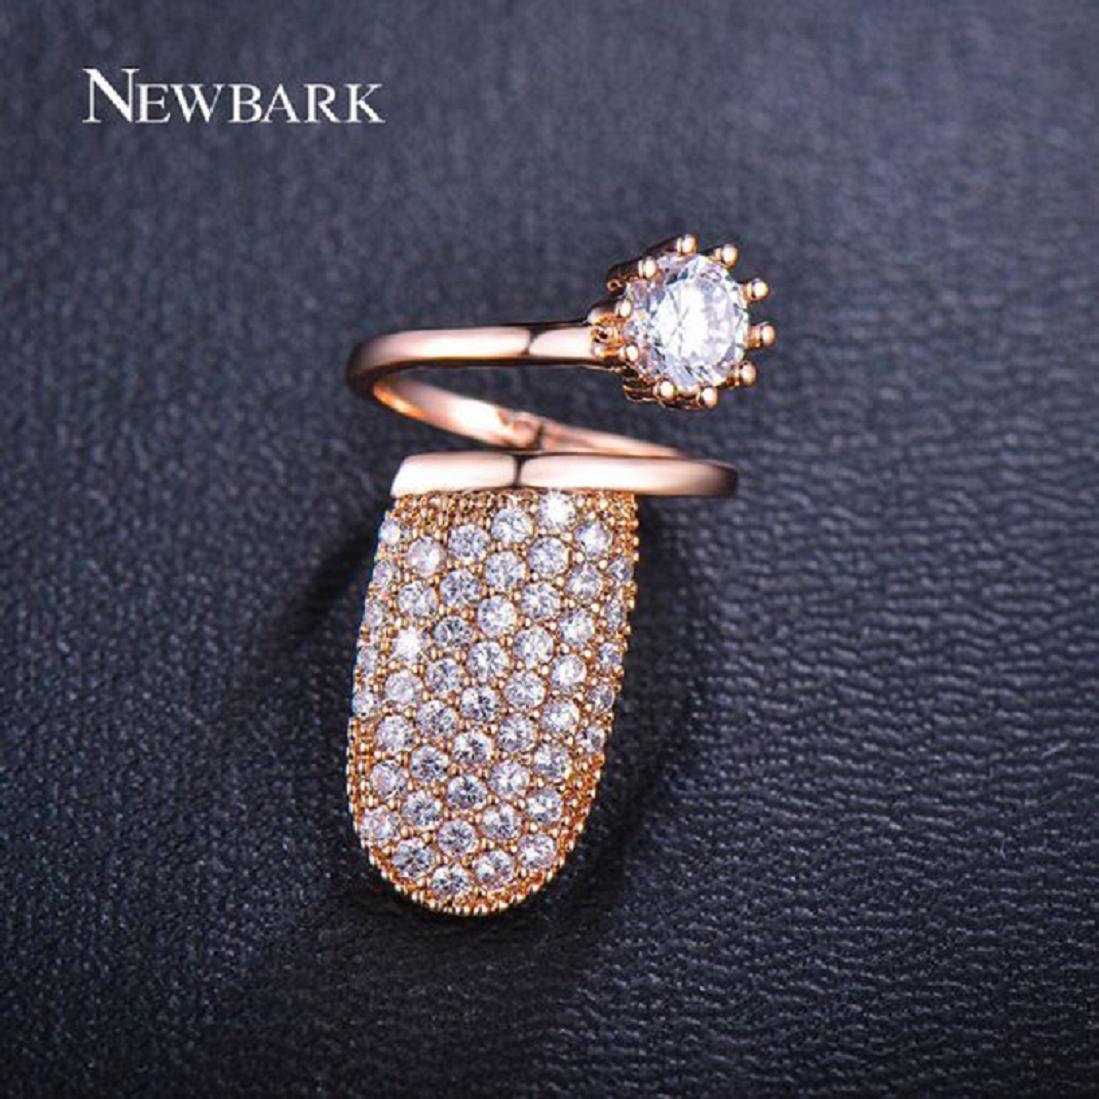 Nail ring bling Cuticle Hugging Gold Nail Ring with Diamond and Rhinestones